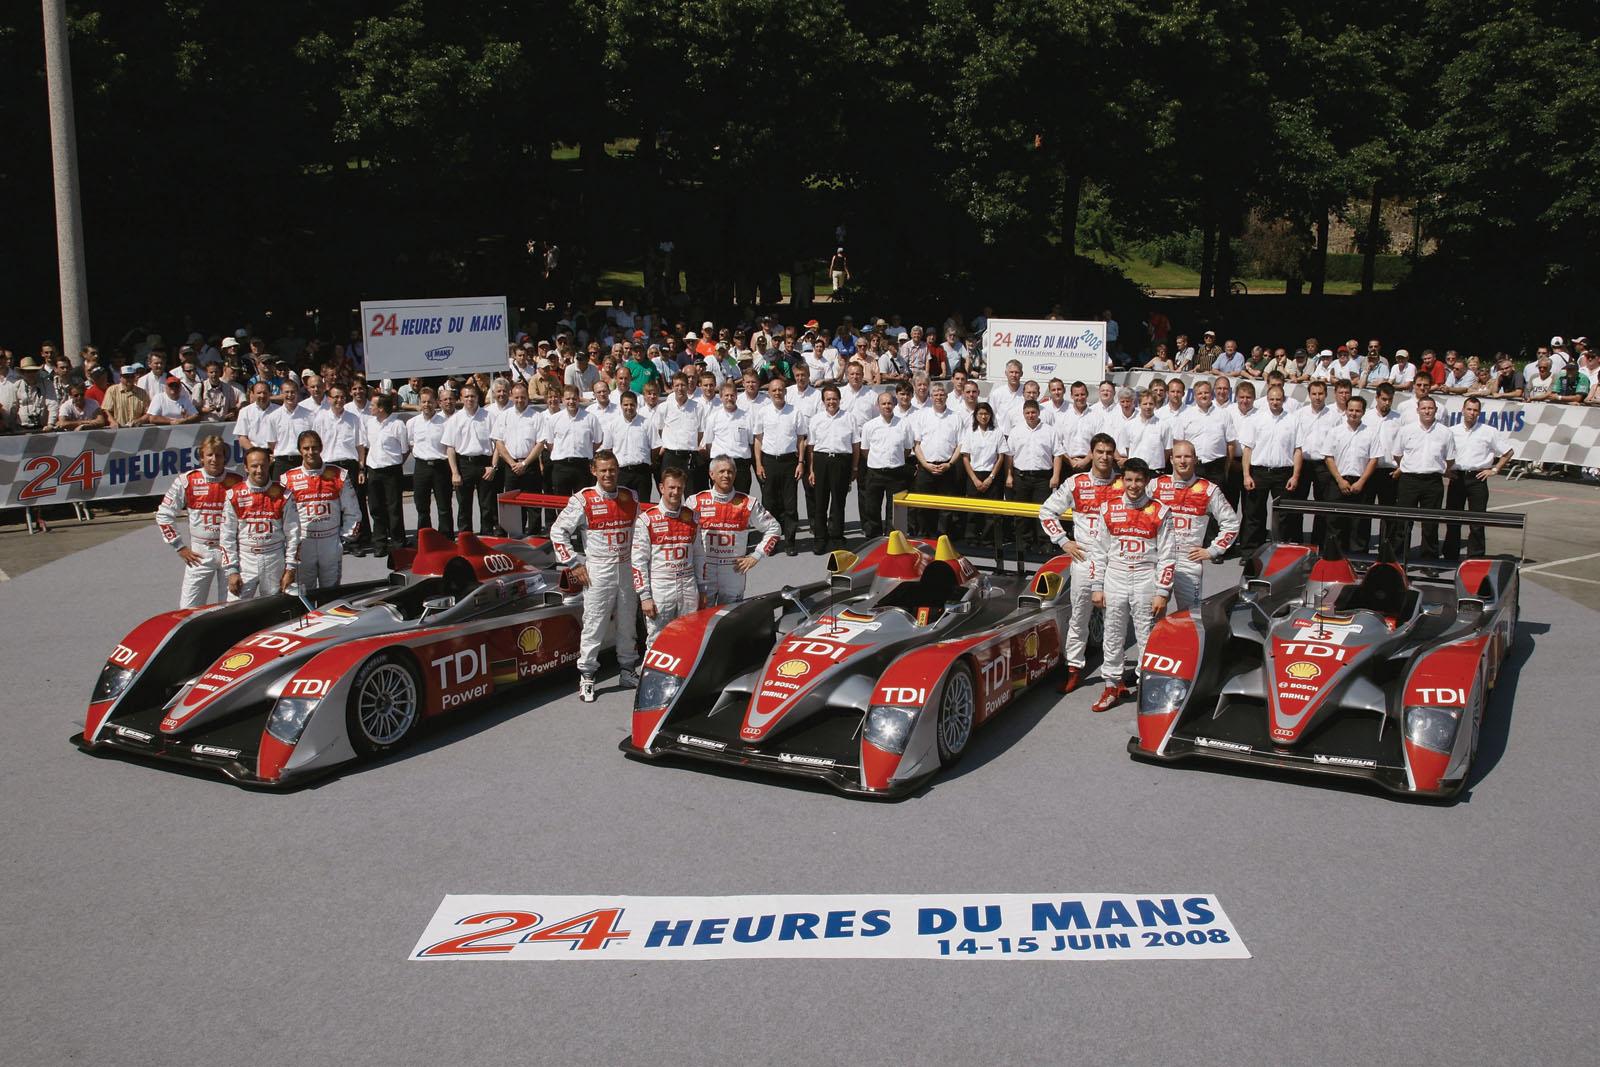 Audi Le Mans 2008 - Picture 15705